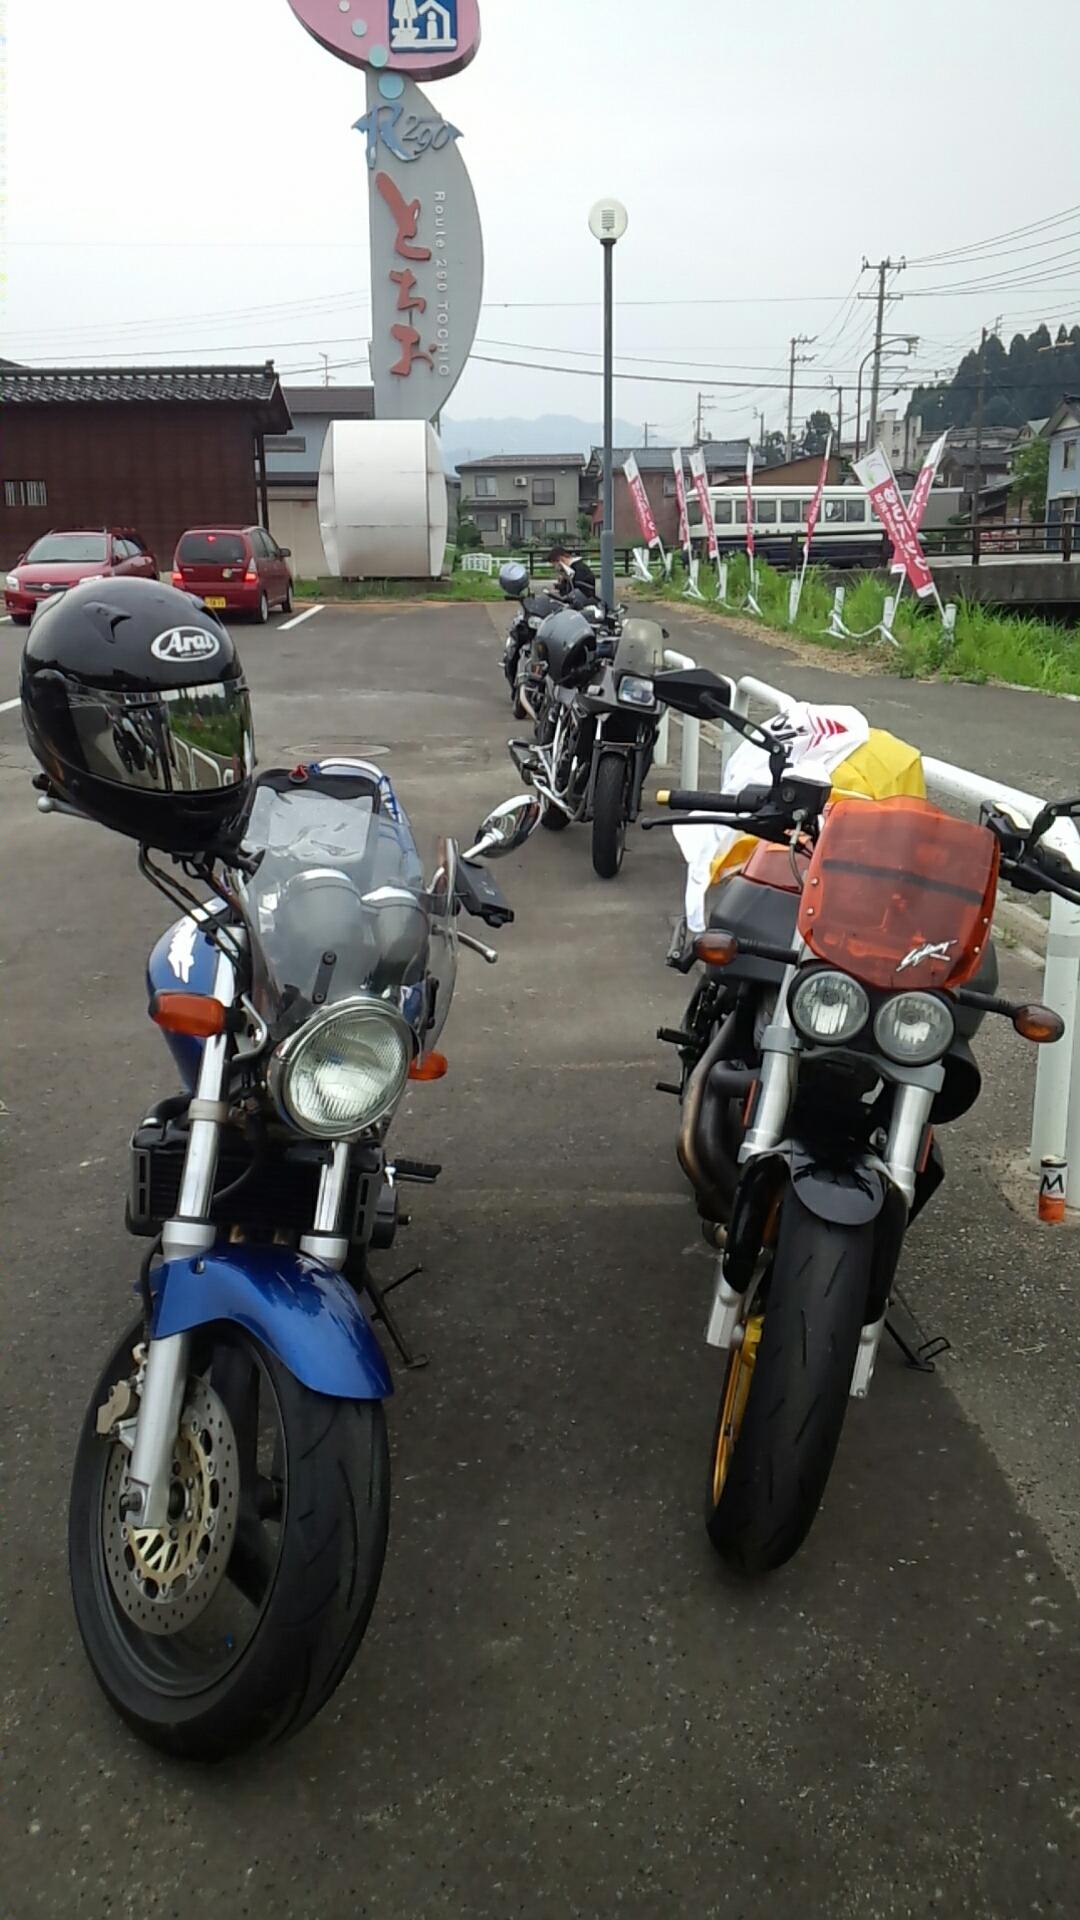 20140716195045055.jpg